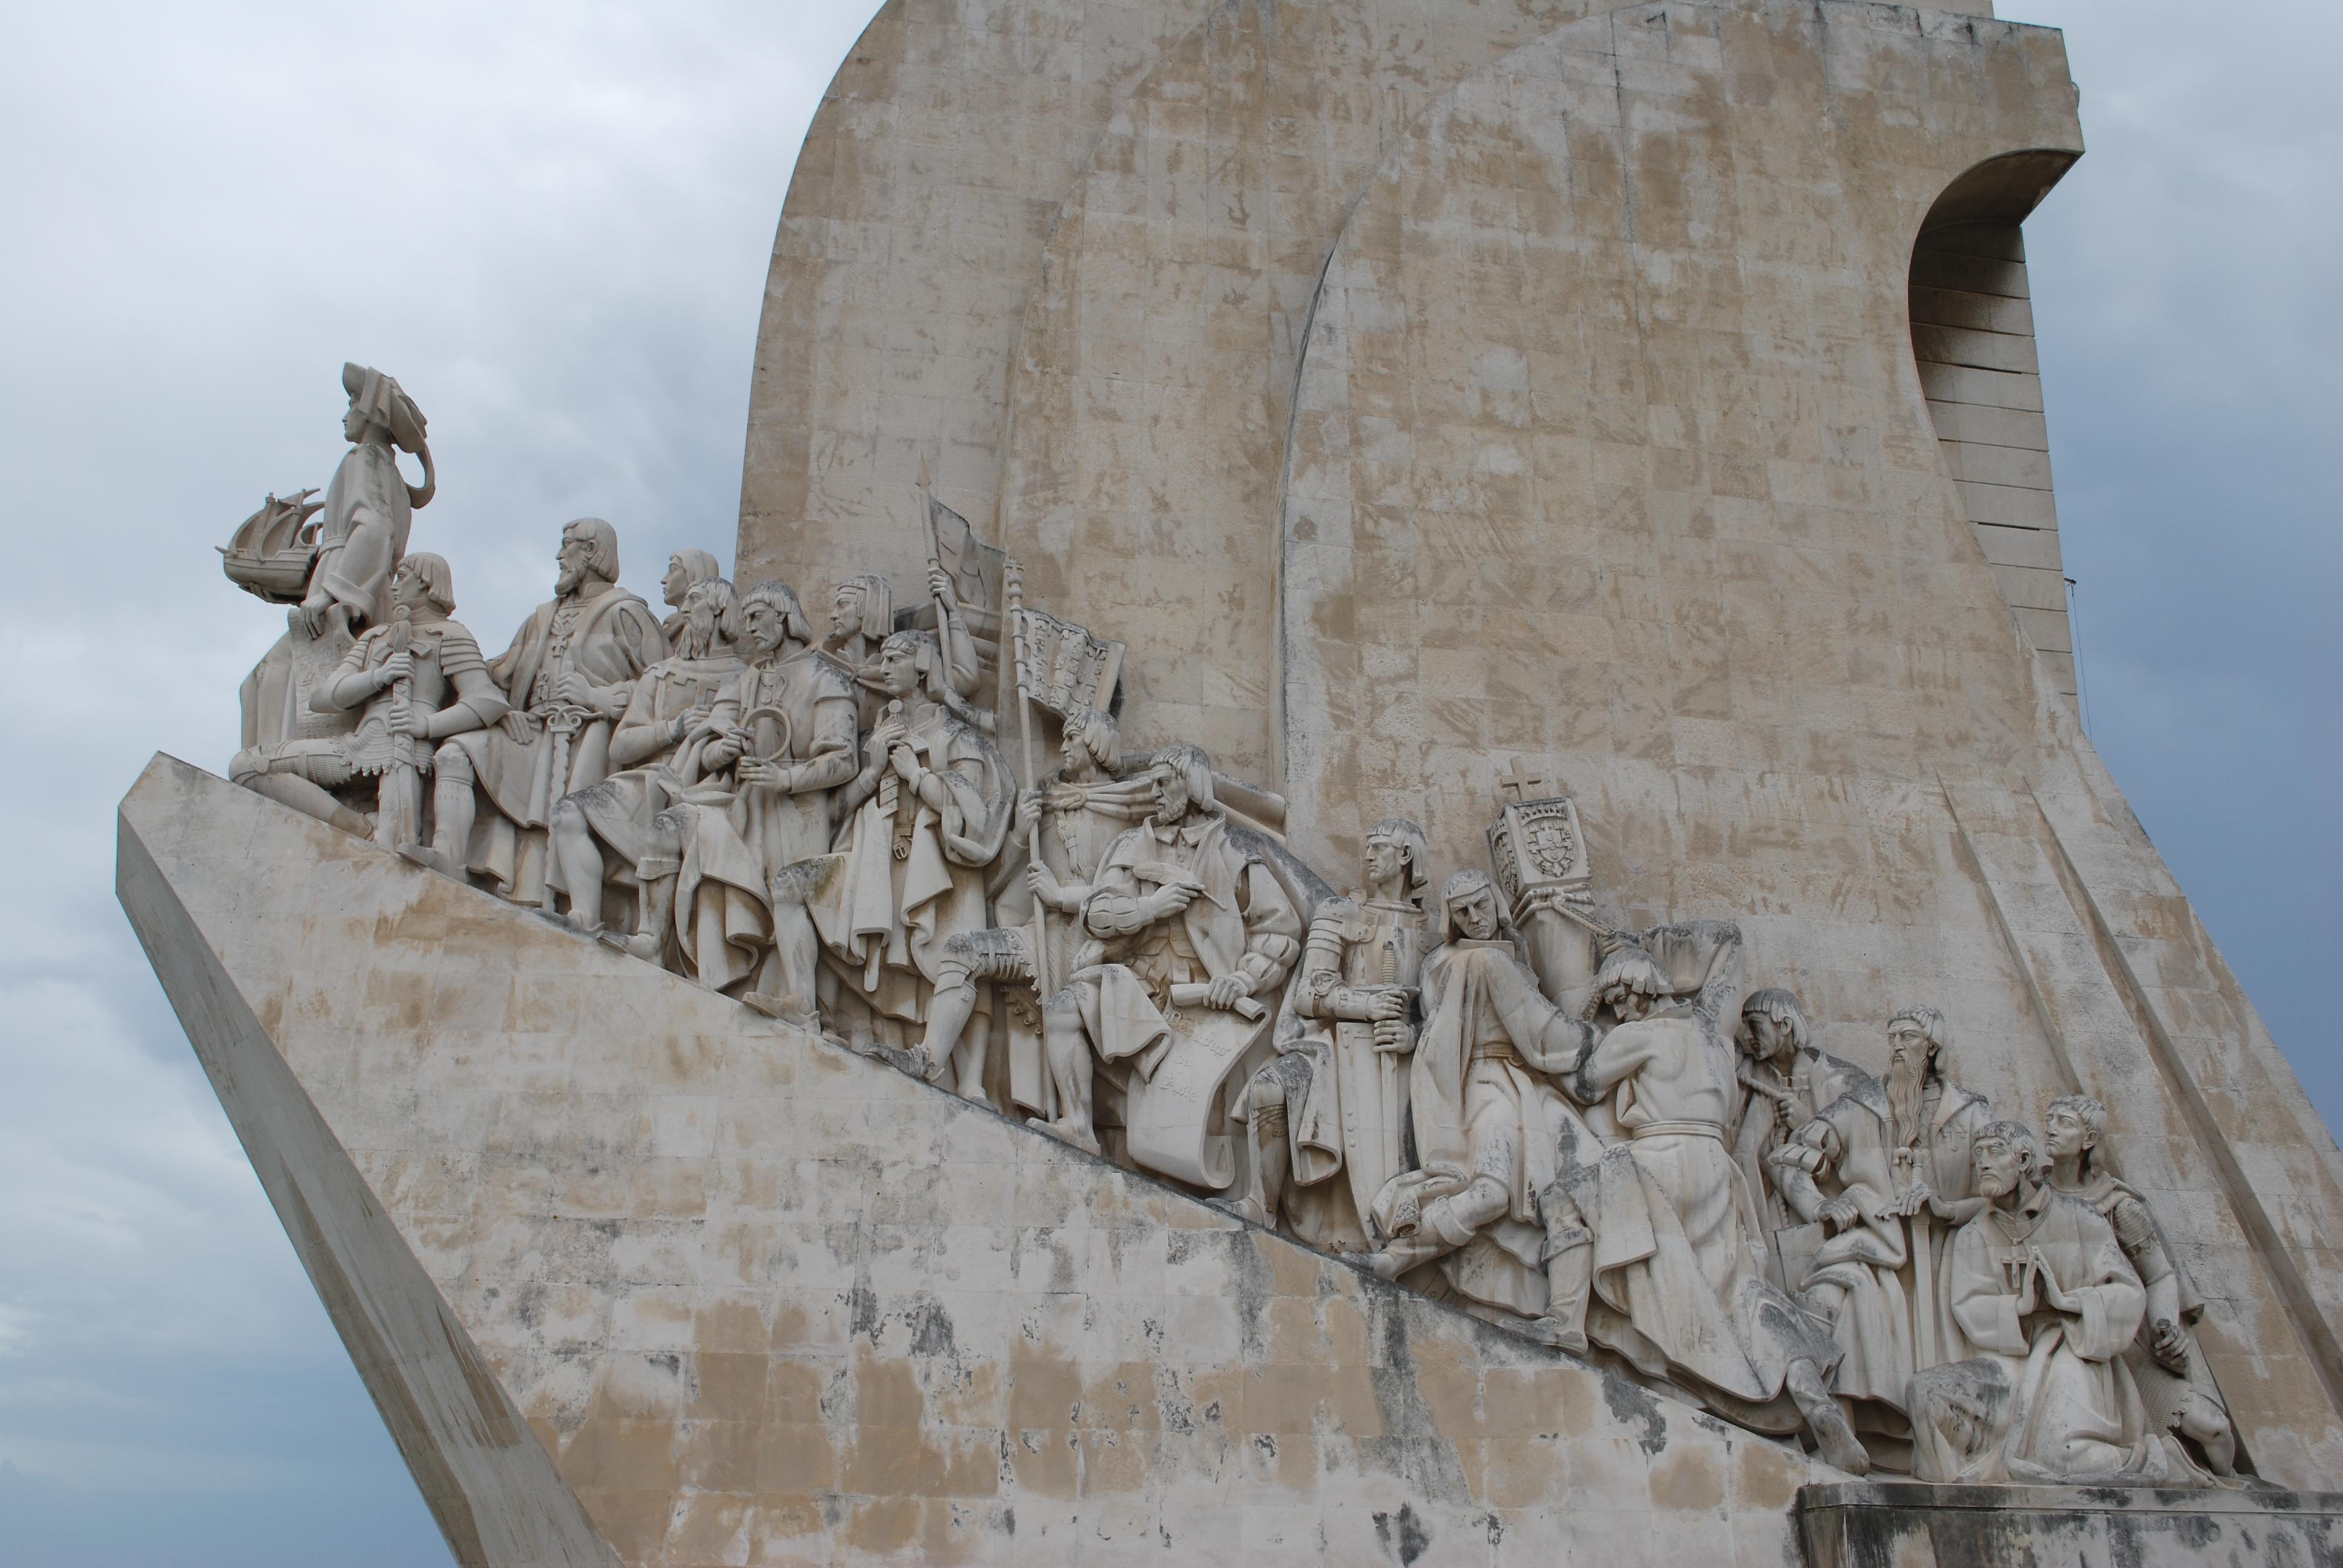 Ficheiro:Lisboa - Padrão dos Descobrimentos (1).jpg – Wikipédia, a enciclopédia livre